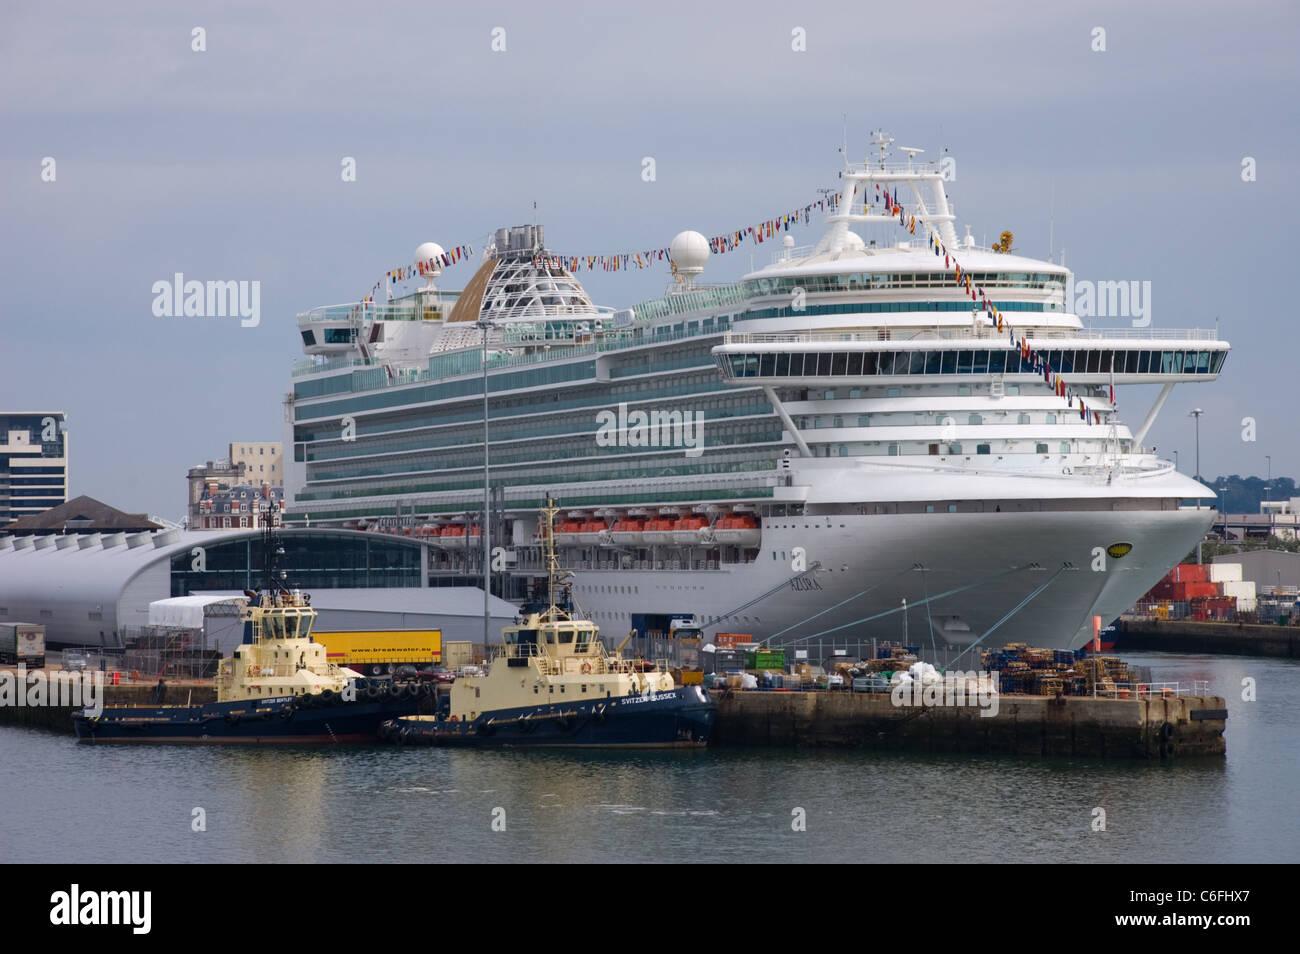 L'Azura l'un des plus grands navires de croisière dans la flotte de P & O Cruises a accosté à Southampton. Banque D'Images